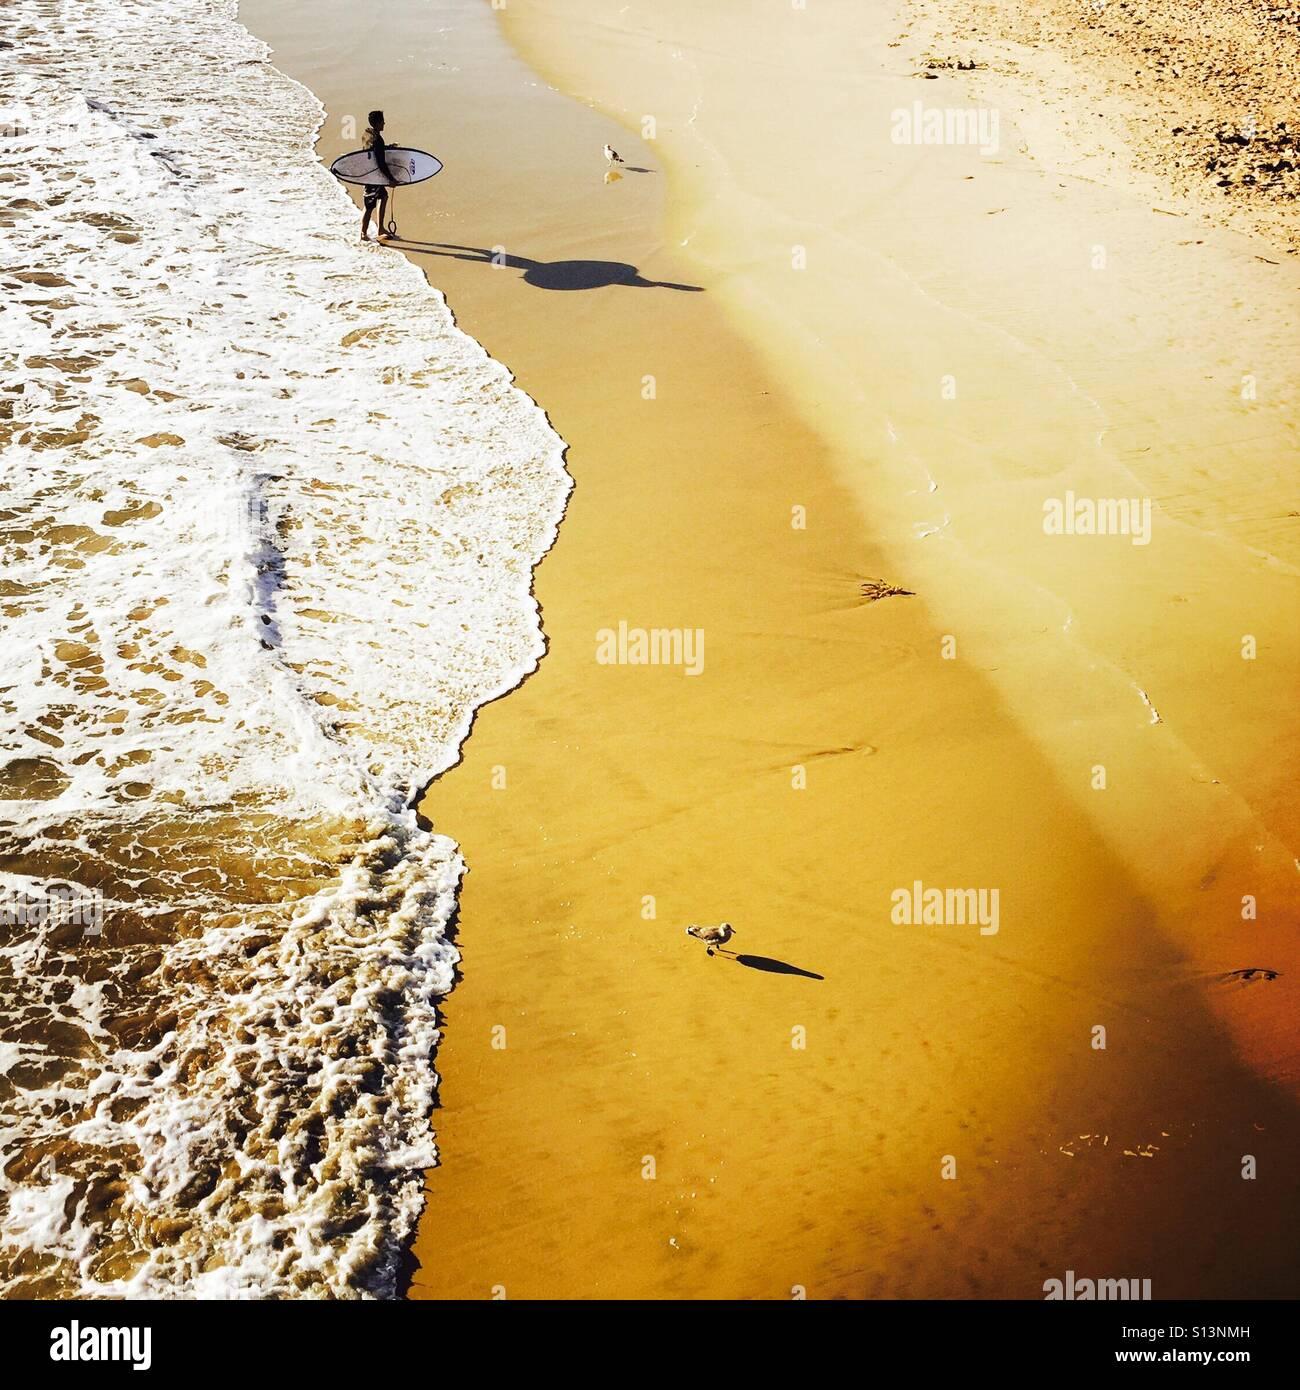 Um macho Surfer caminha até a praia depois do surf. Manhattan Beach, na Califórnia (EUA). Imagens de Stock